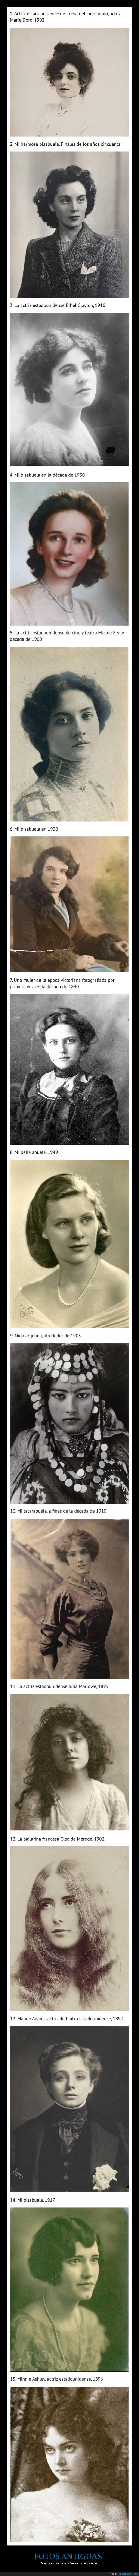 belleza,fotos antiguas,mujeres,pasado,retro